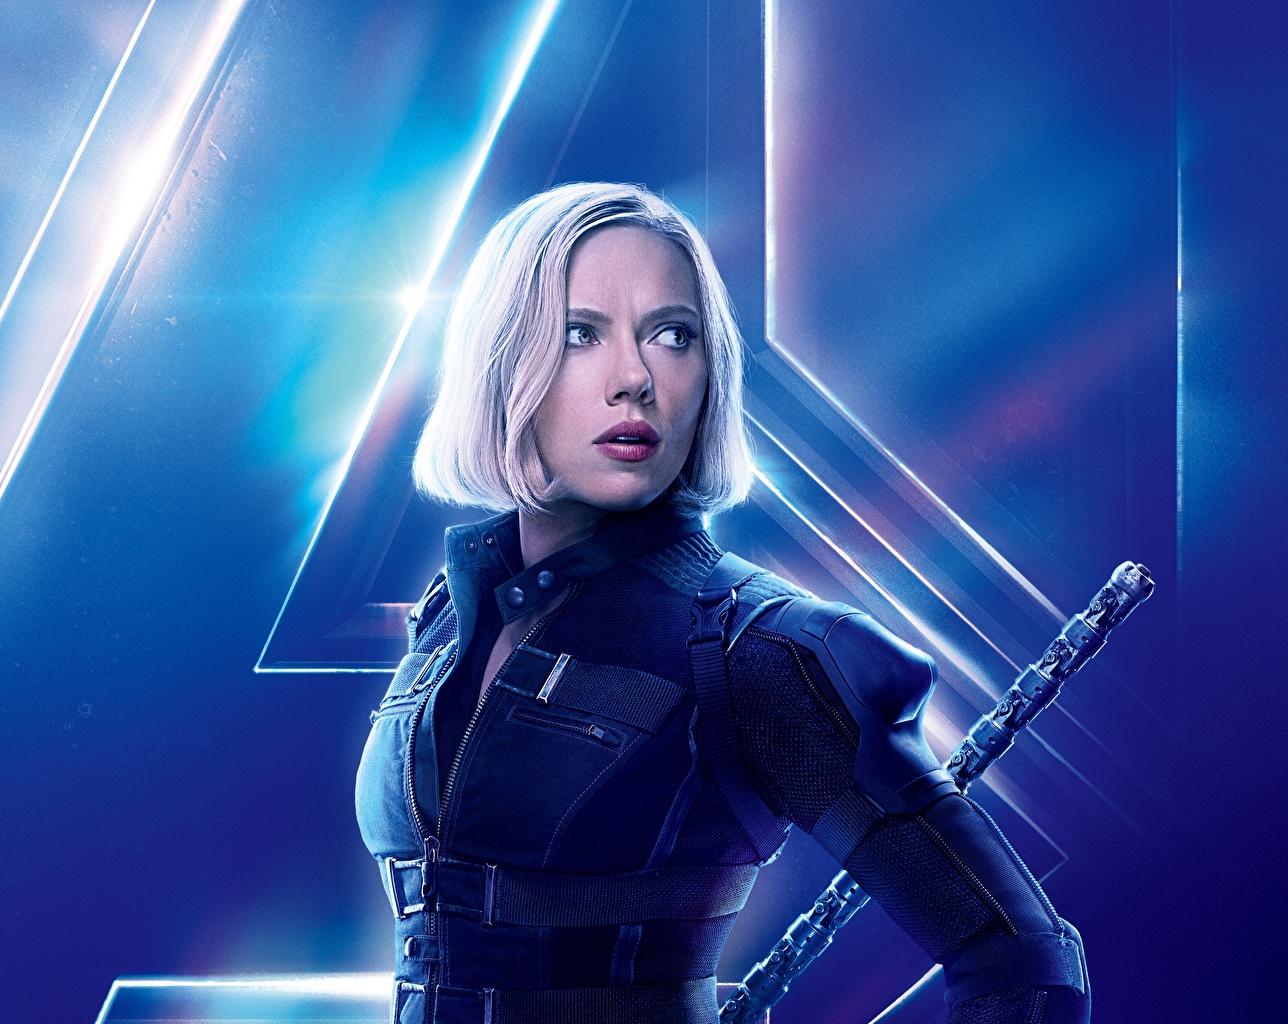 壁紙 Avengers Infinity War スカーレット ヨハンソン 映画